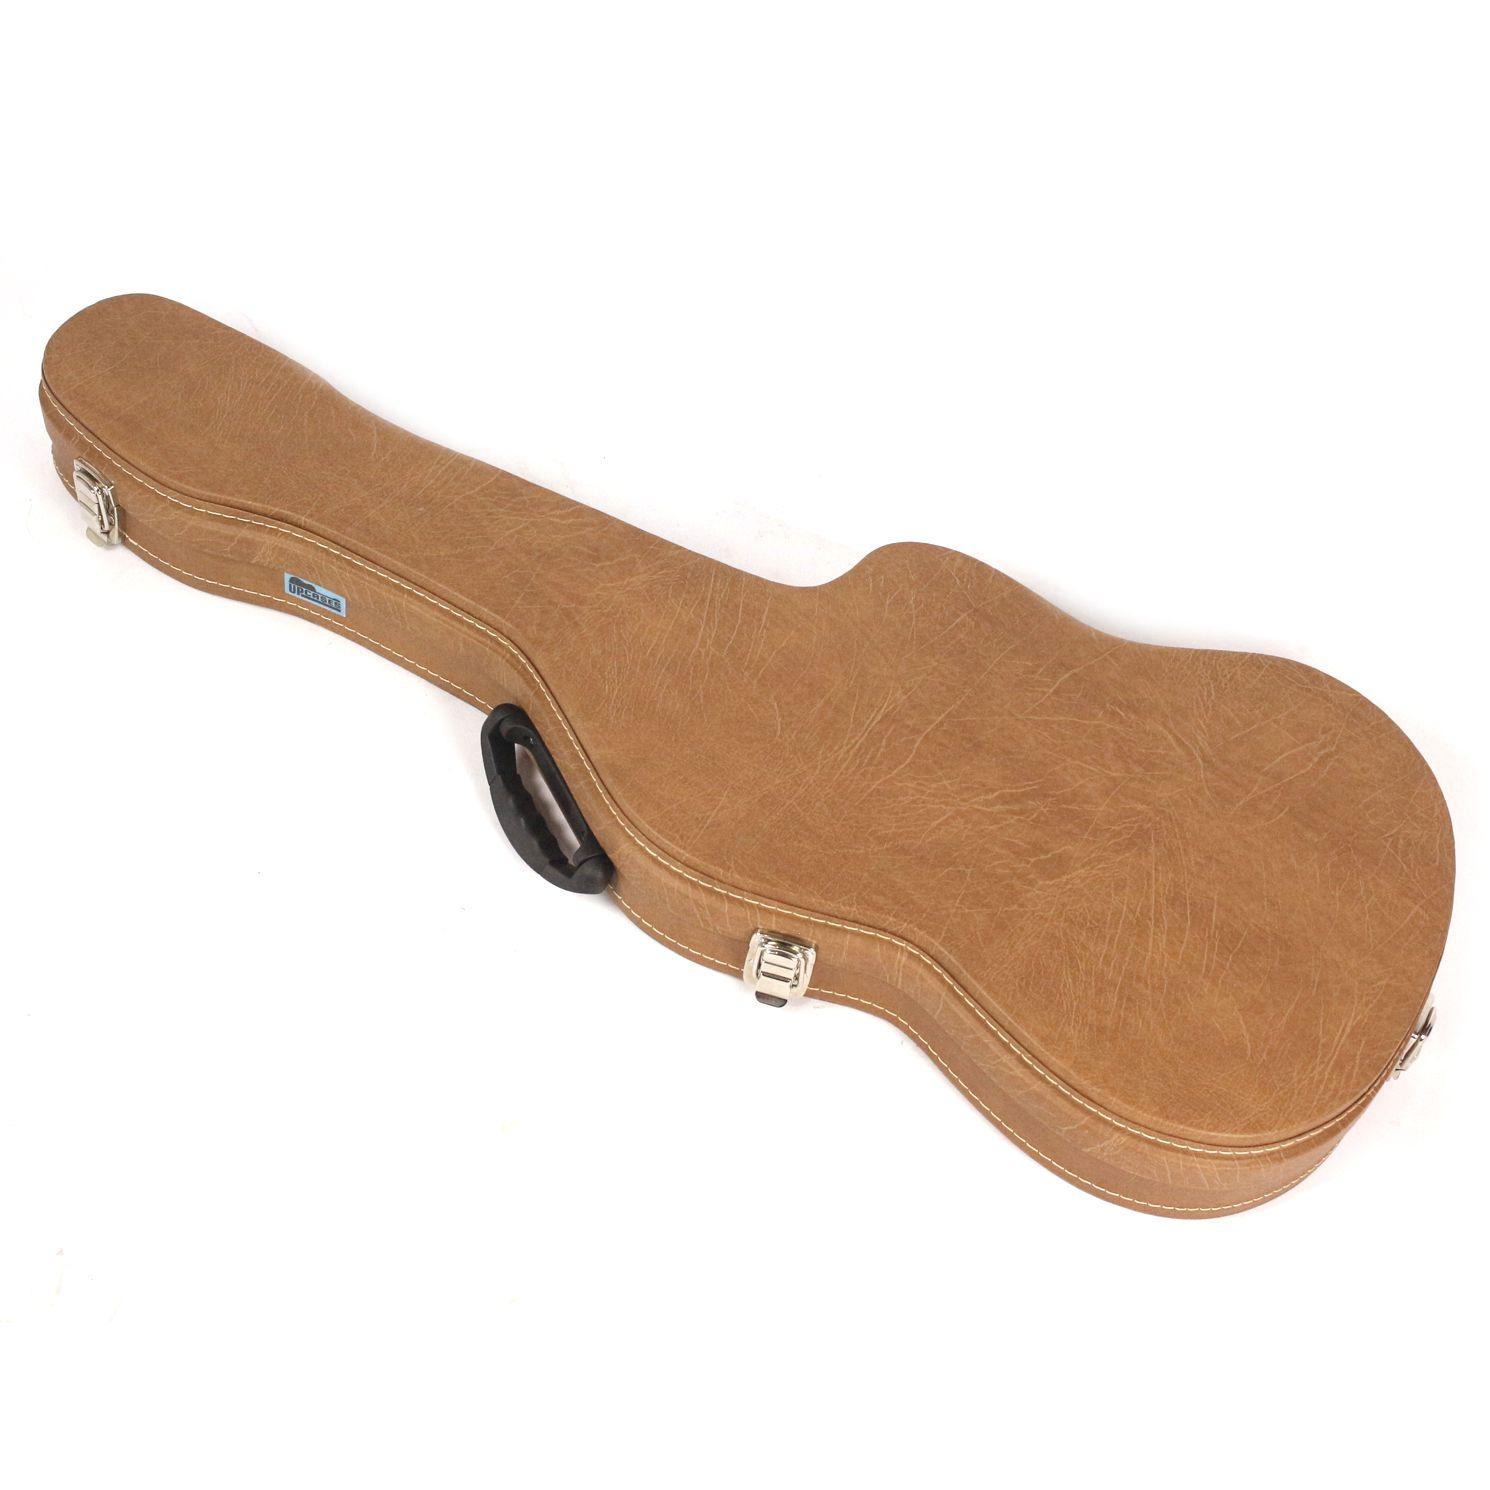 Hard Case para Guitarra NO Formato em Courvin Marrom - Upcases